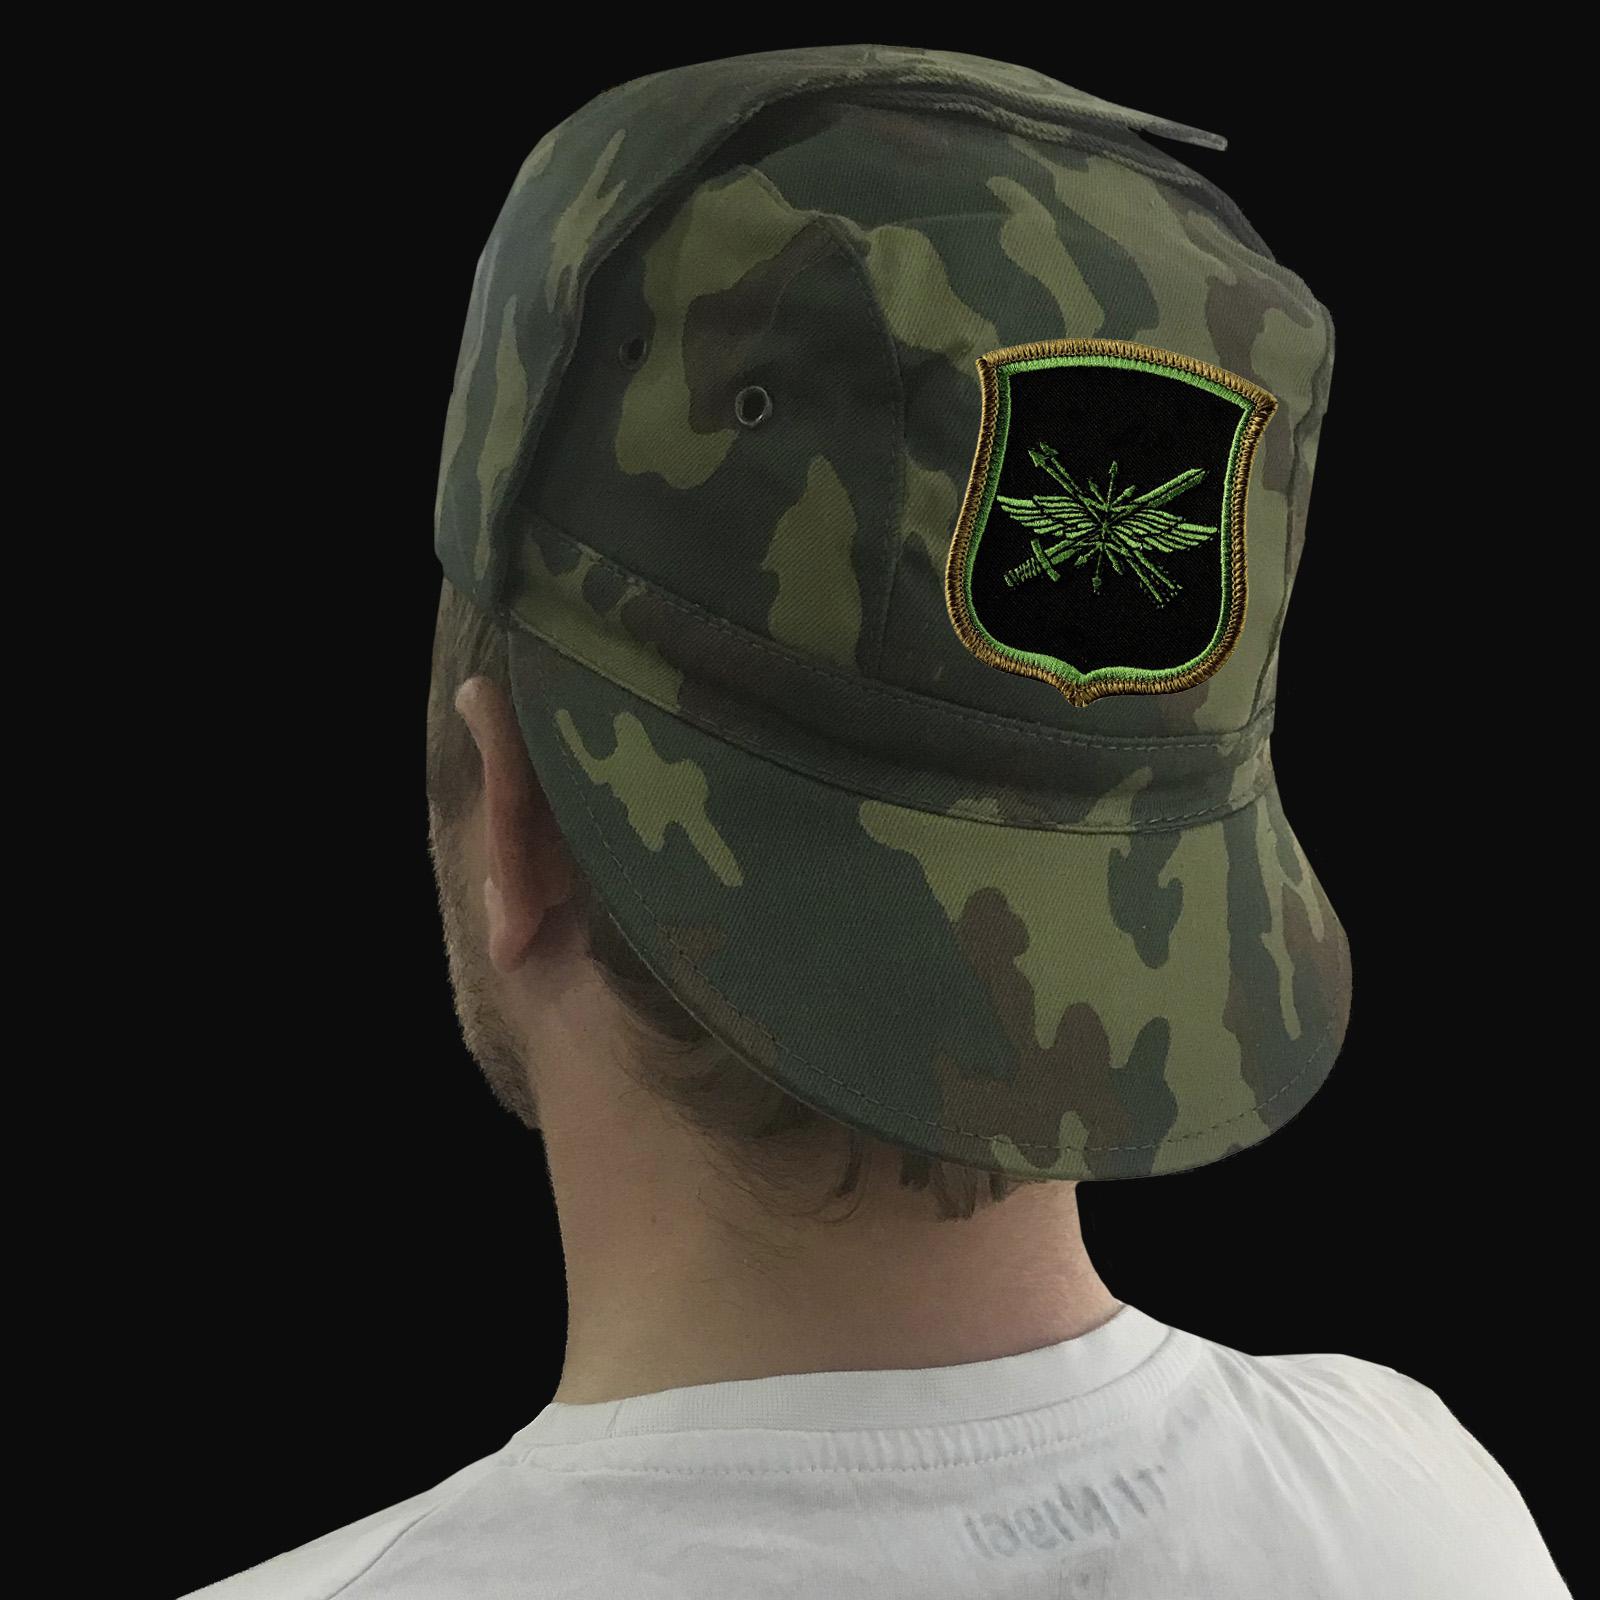 Мужская кепка камуфляж с шевроном 882-ого Центрального узла связи РВСН